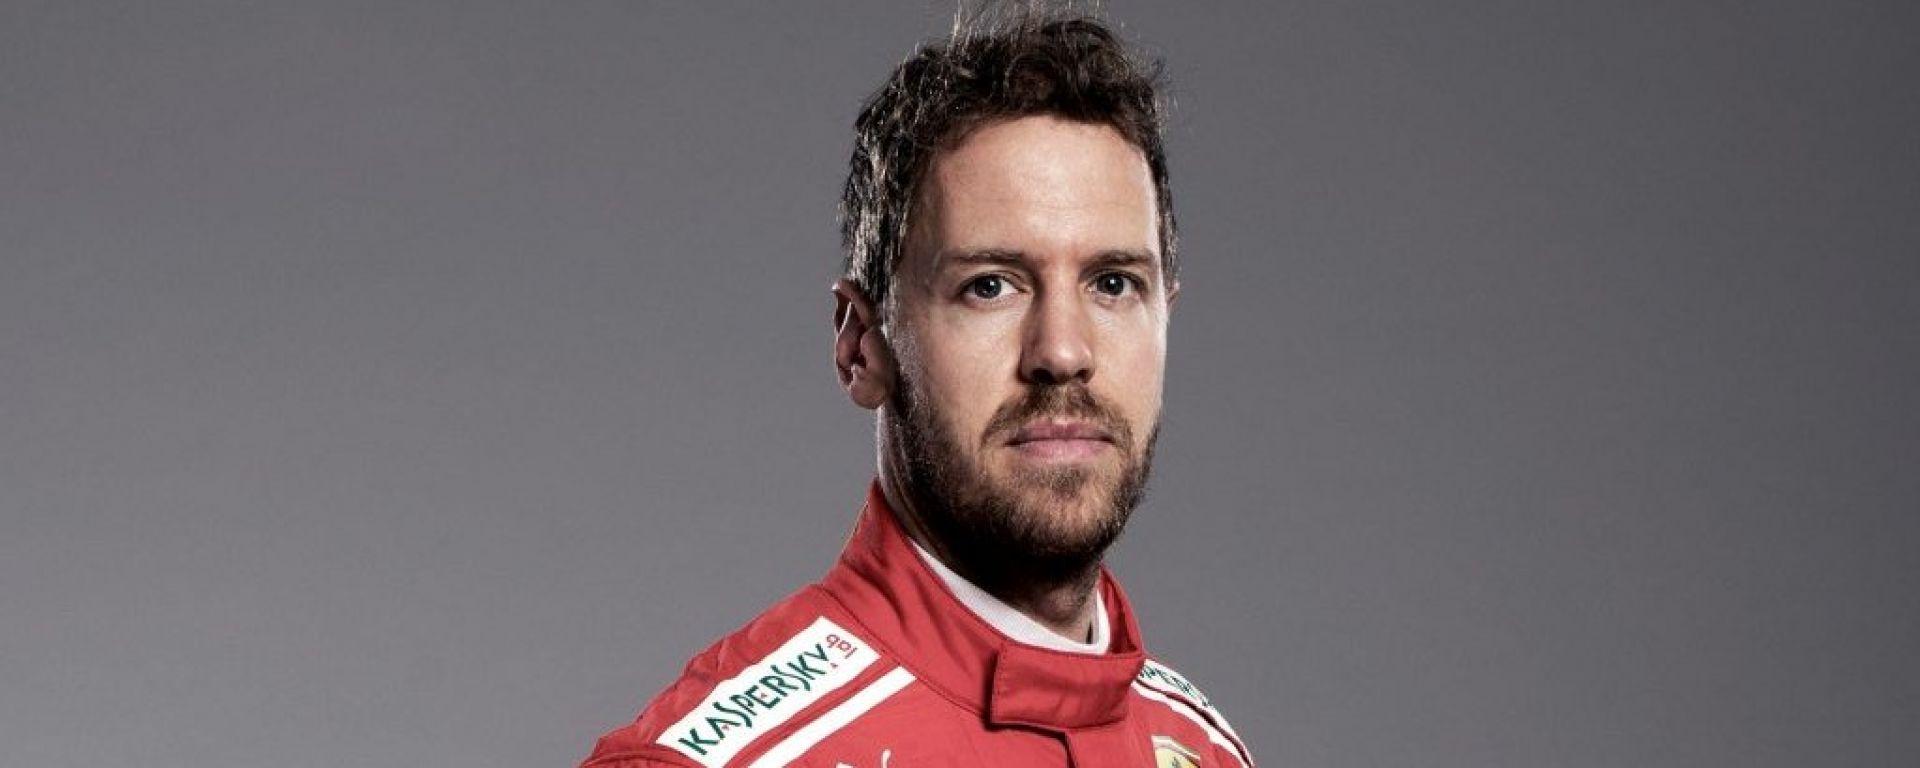 Sebastian Vettel Kawasaki